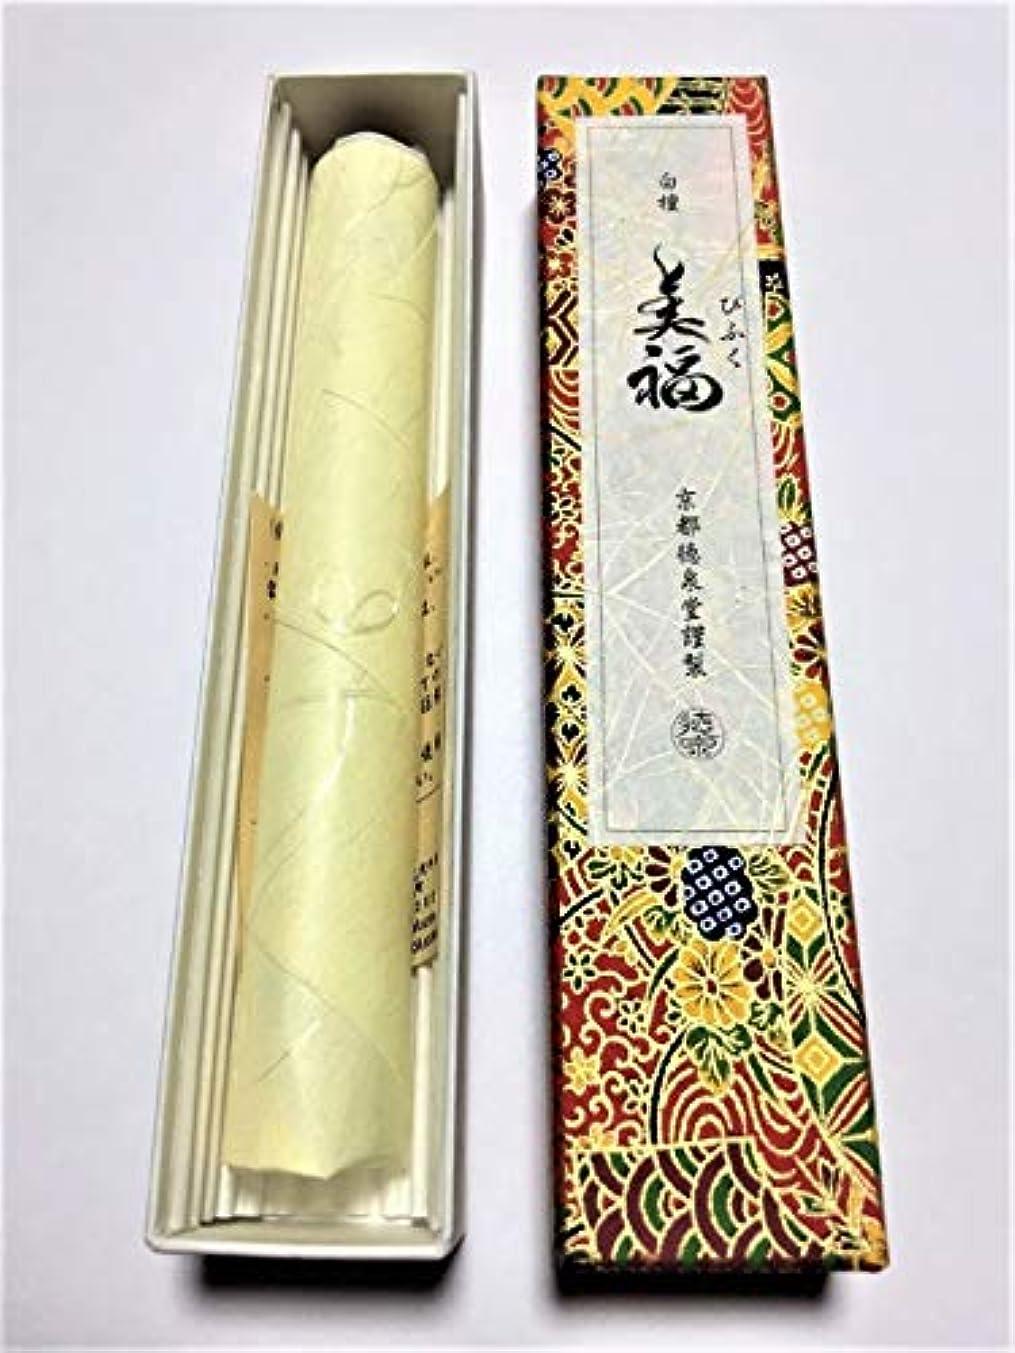 宣言運賃ウォーターフロント美福(びふく)線香 30本入り 天然材料のみで作った線香 化学物質、無添加の線香